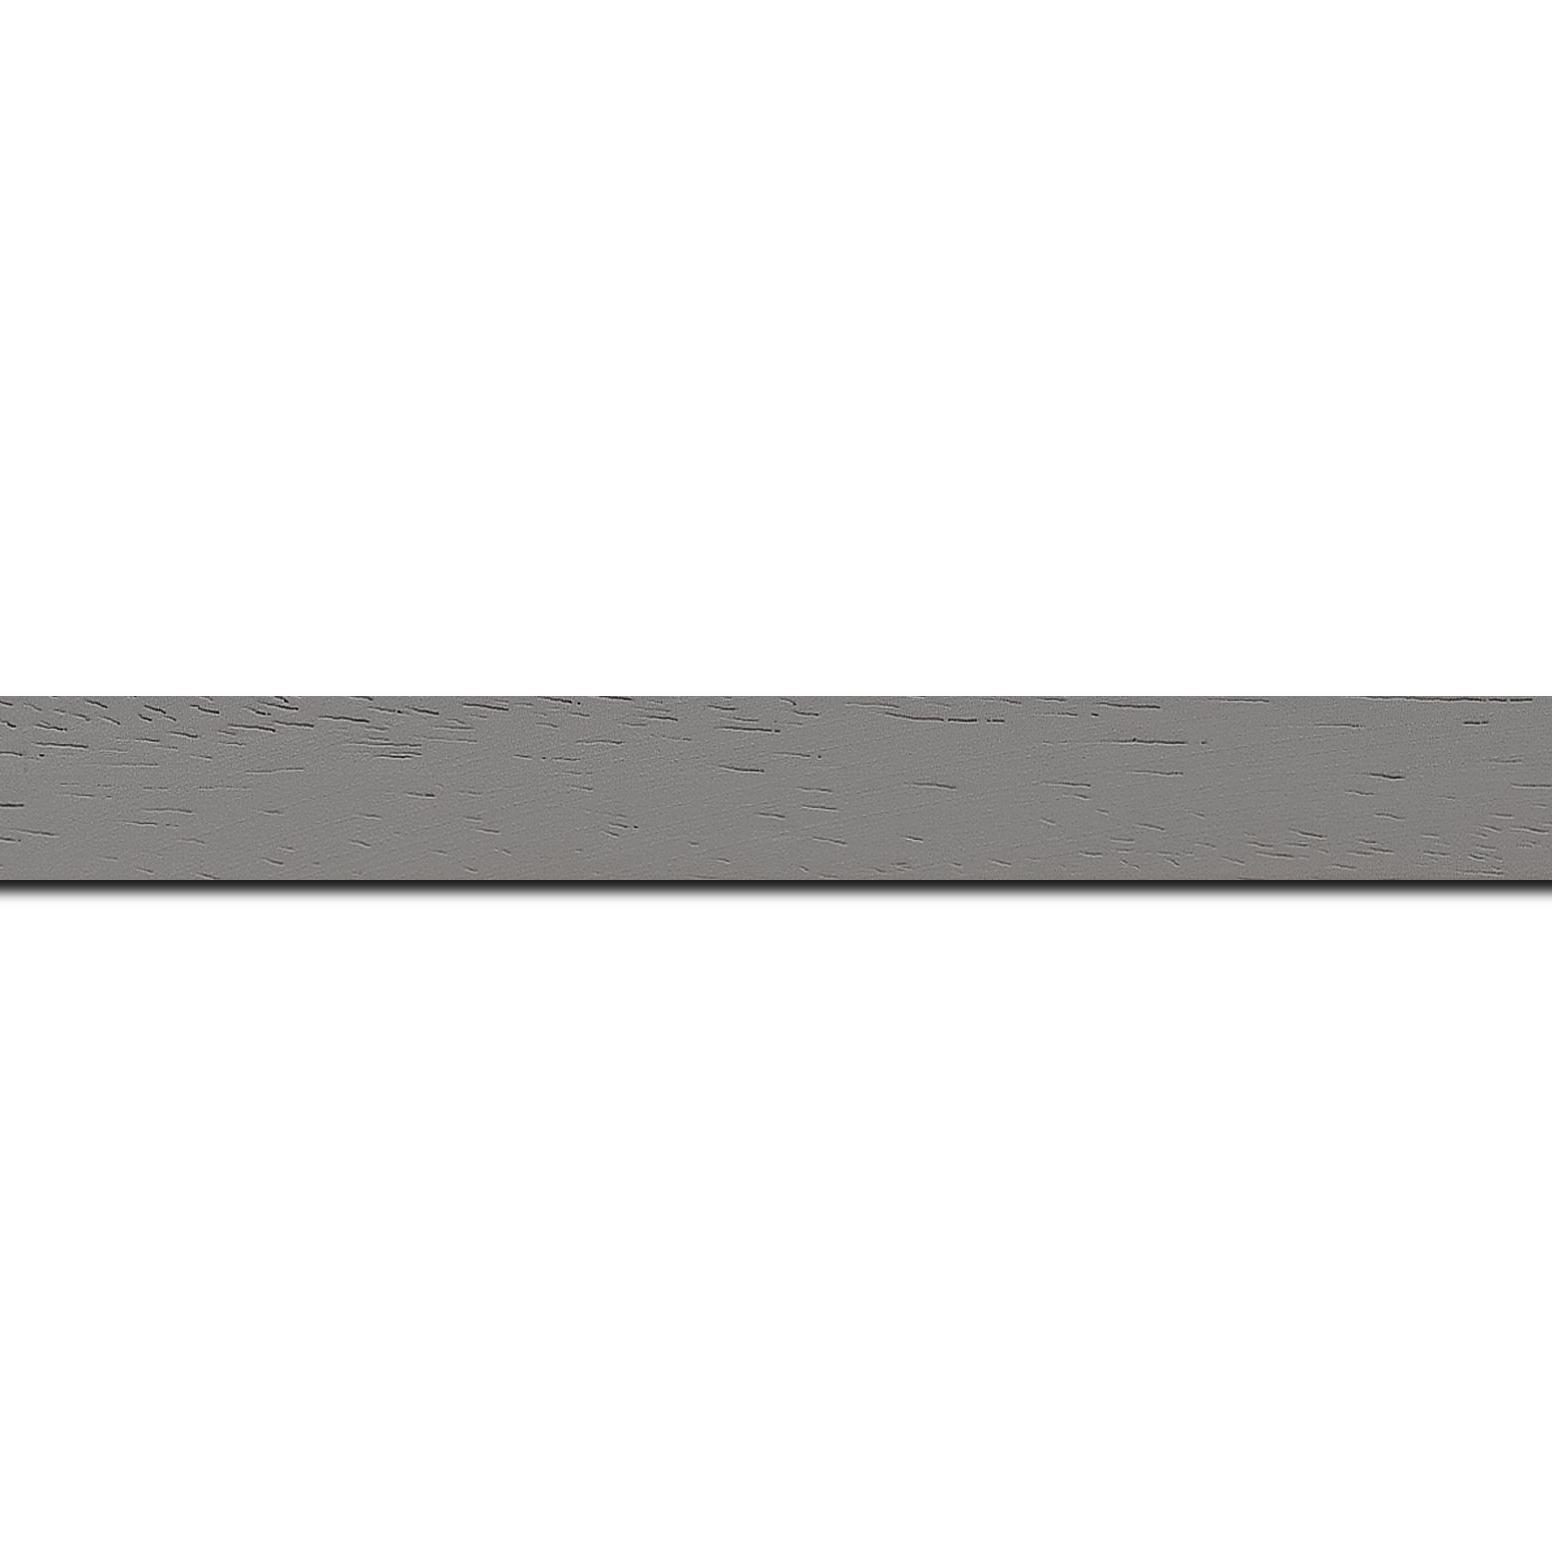 Pack par 12m, bois profil plat largeur 2cm couleur gris clair satiné(longueur baguette pouvant varier entre 2.40m et 3m selon arrivage des bois)